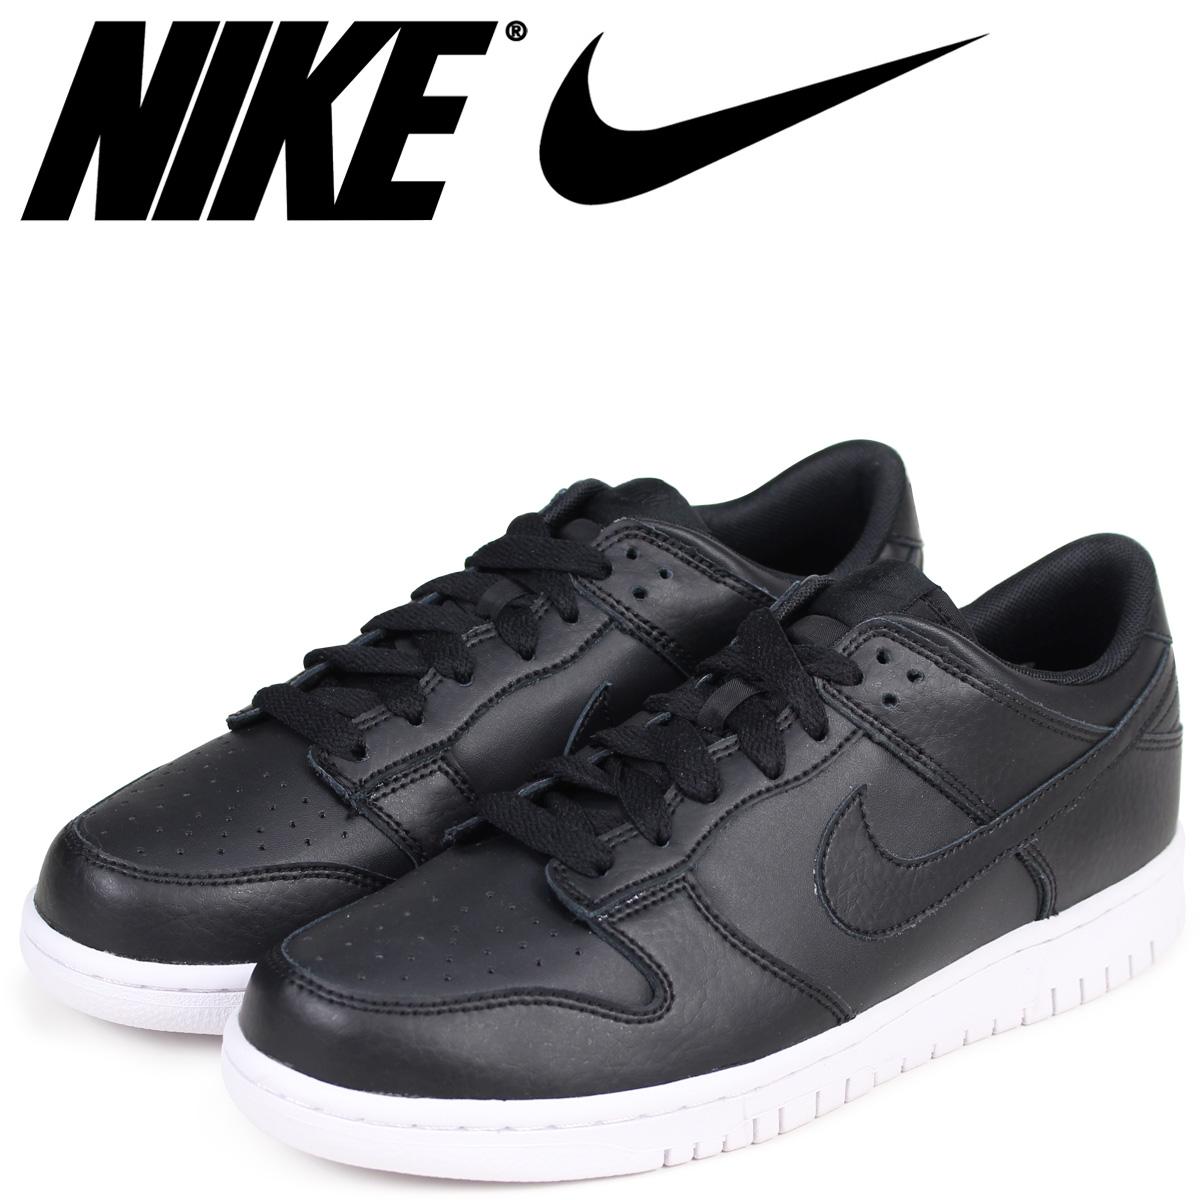 NIKE ナイキ ダンク ロー スニーカー DUNK LOW メンズ 904234-003 靴 ブラック 黒